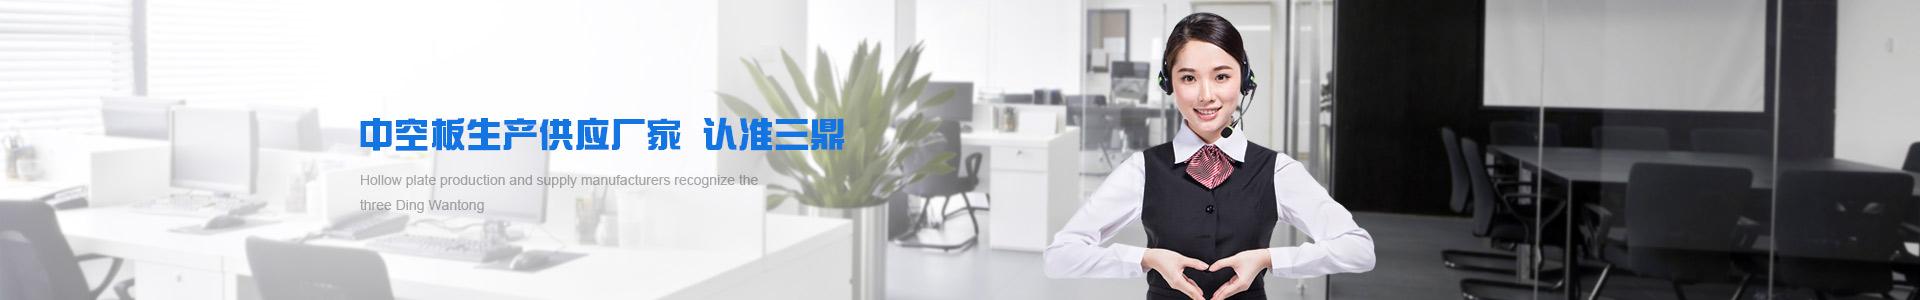 中空板生产供应厂家 认准三鼎